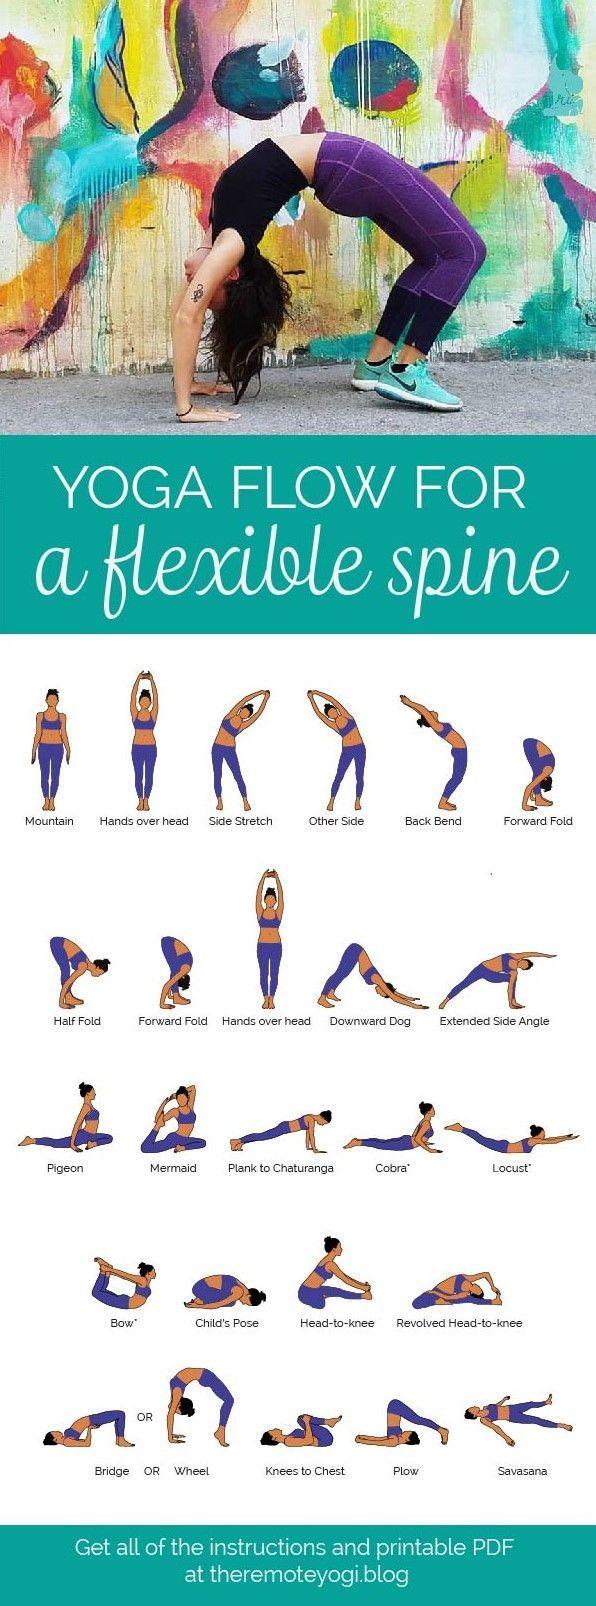 Yoga Flow für ein flexibles, biegsames Rückgrat – KOSTENLOSES PDF Drucken Sie diesen Yoga Flow aus und machen Sie – Bianca Müller